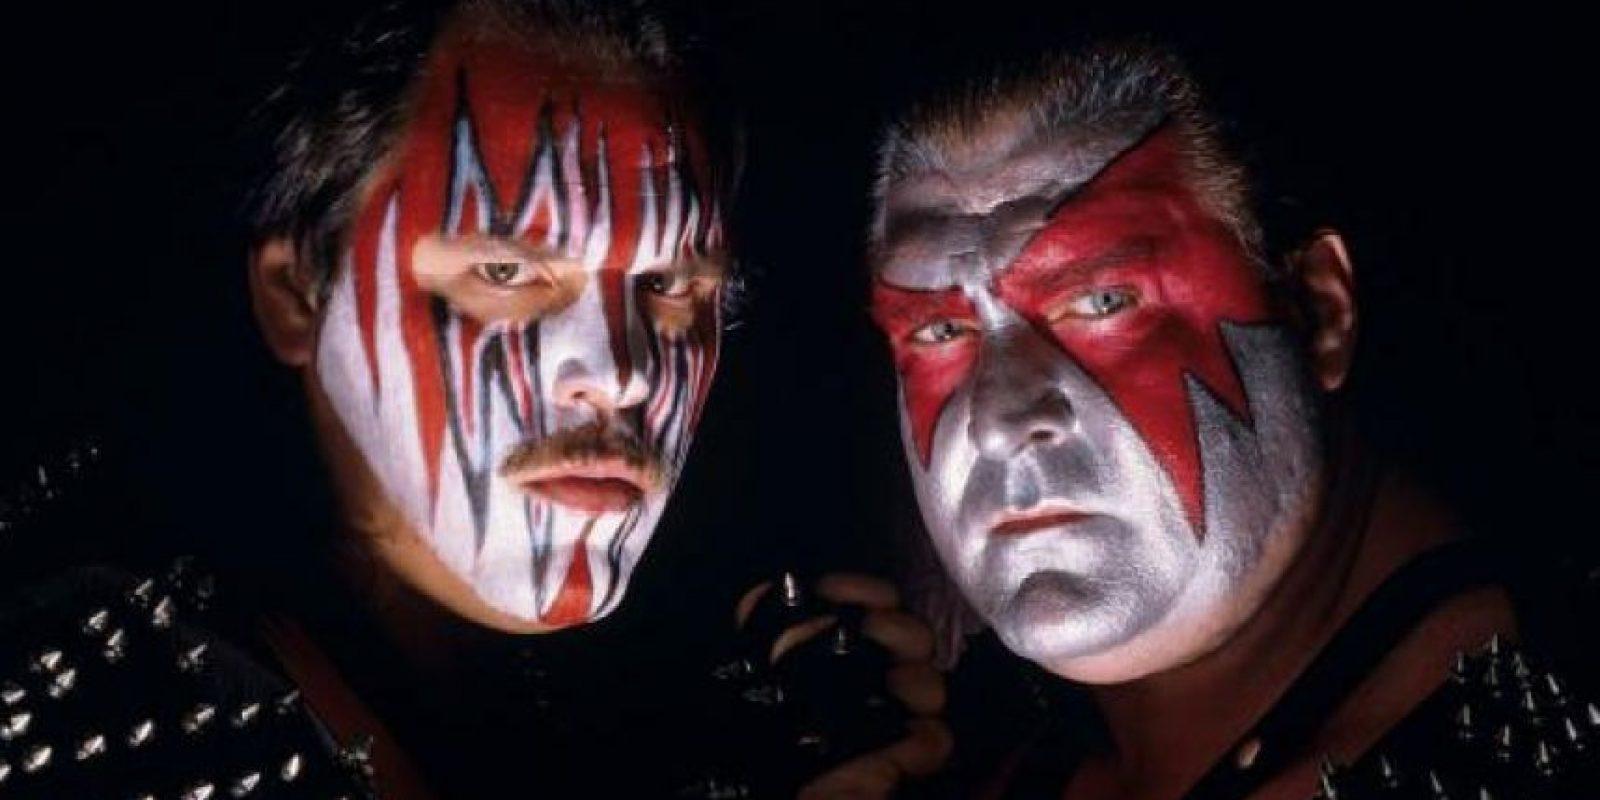 El dúo Demolition aterraba a cualquiera Foto:WWE